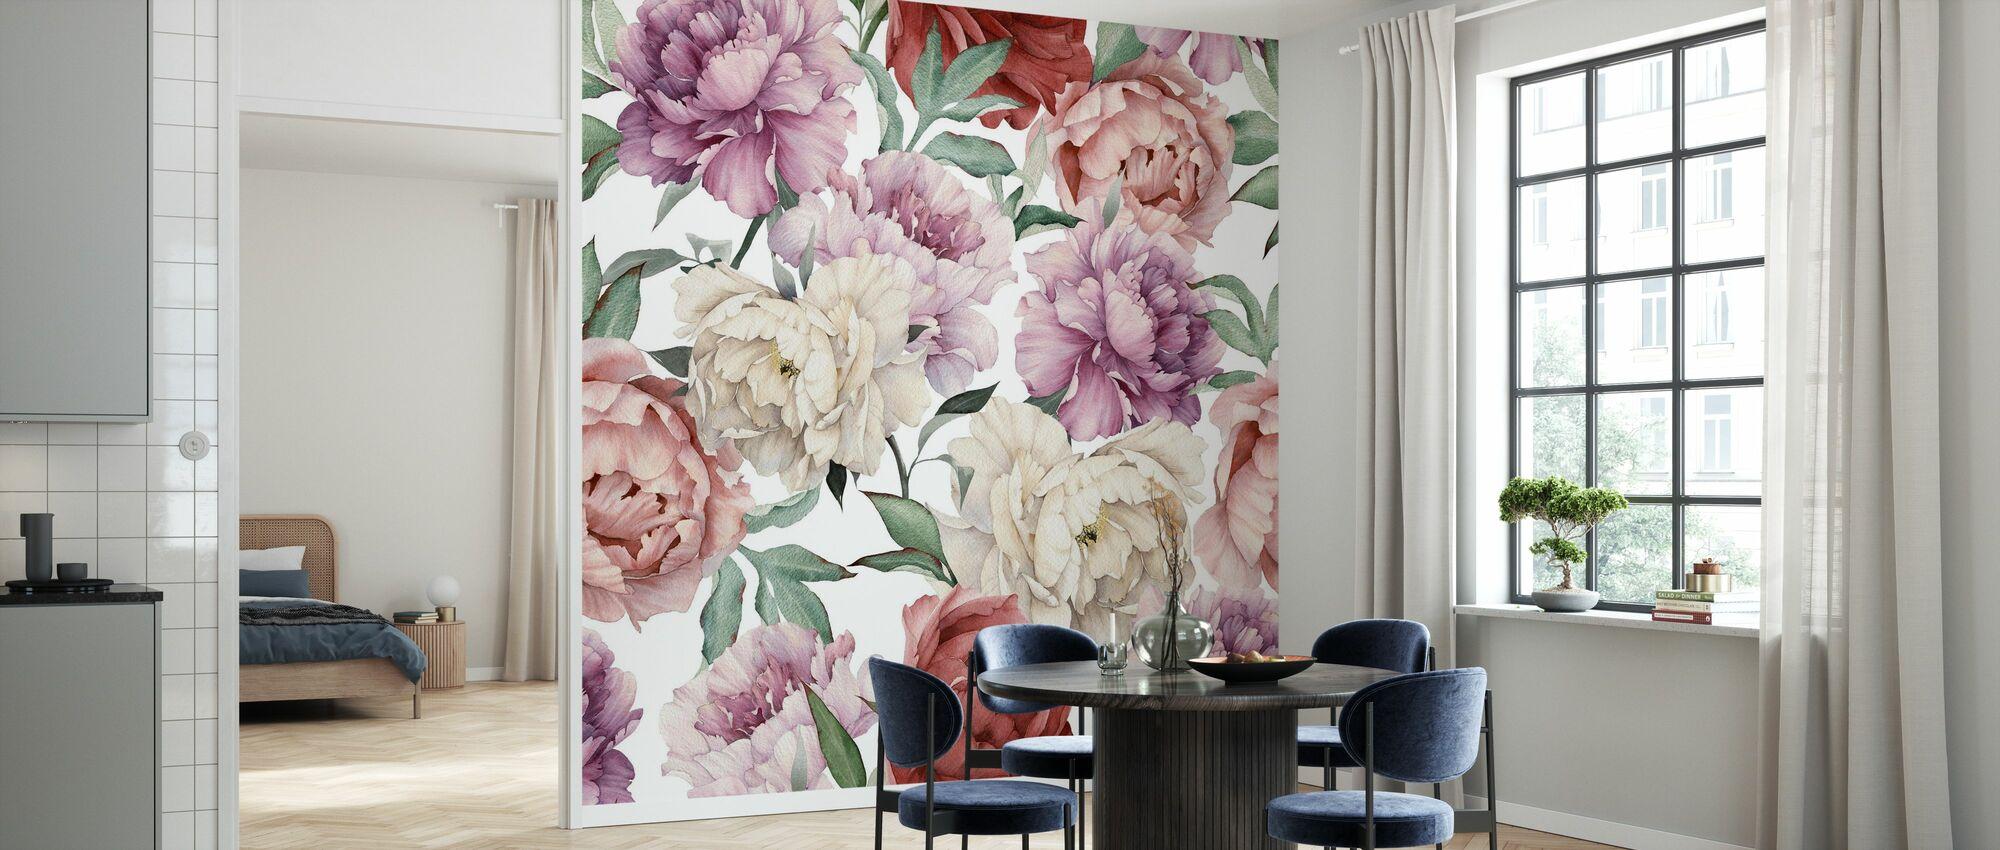 Sweet Peonies - Wallpaper - Kitchen